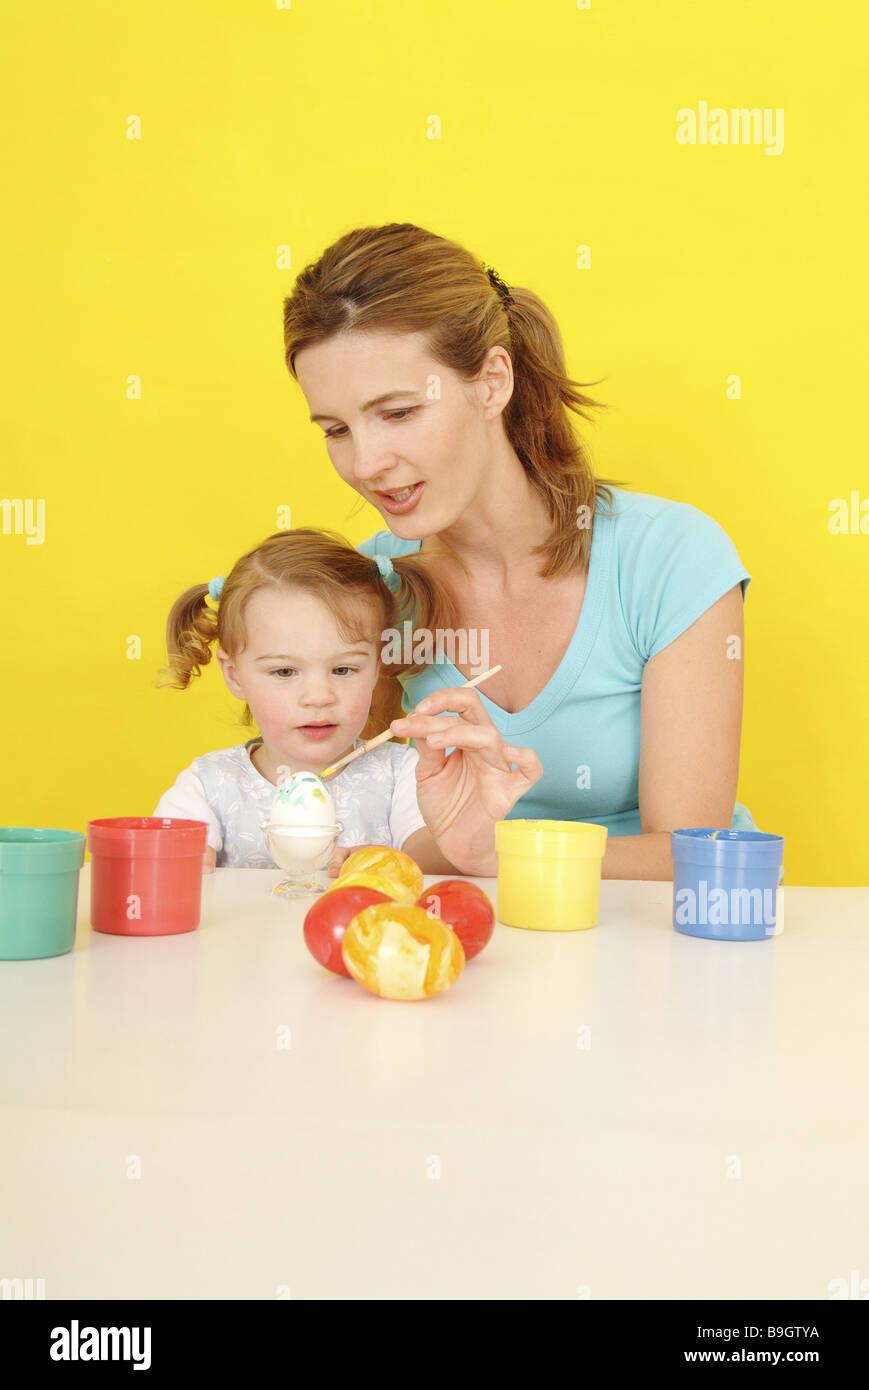 Ostern Kind Mädchen Mutter Eiern Atelier Malt 2 3 Jahren 30 40 Jahre